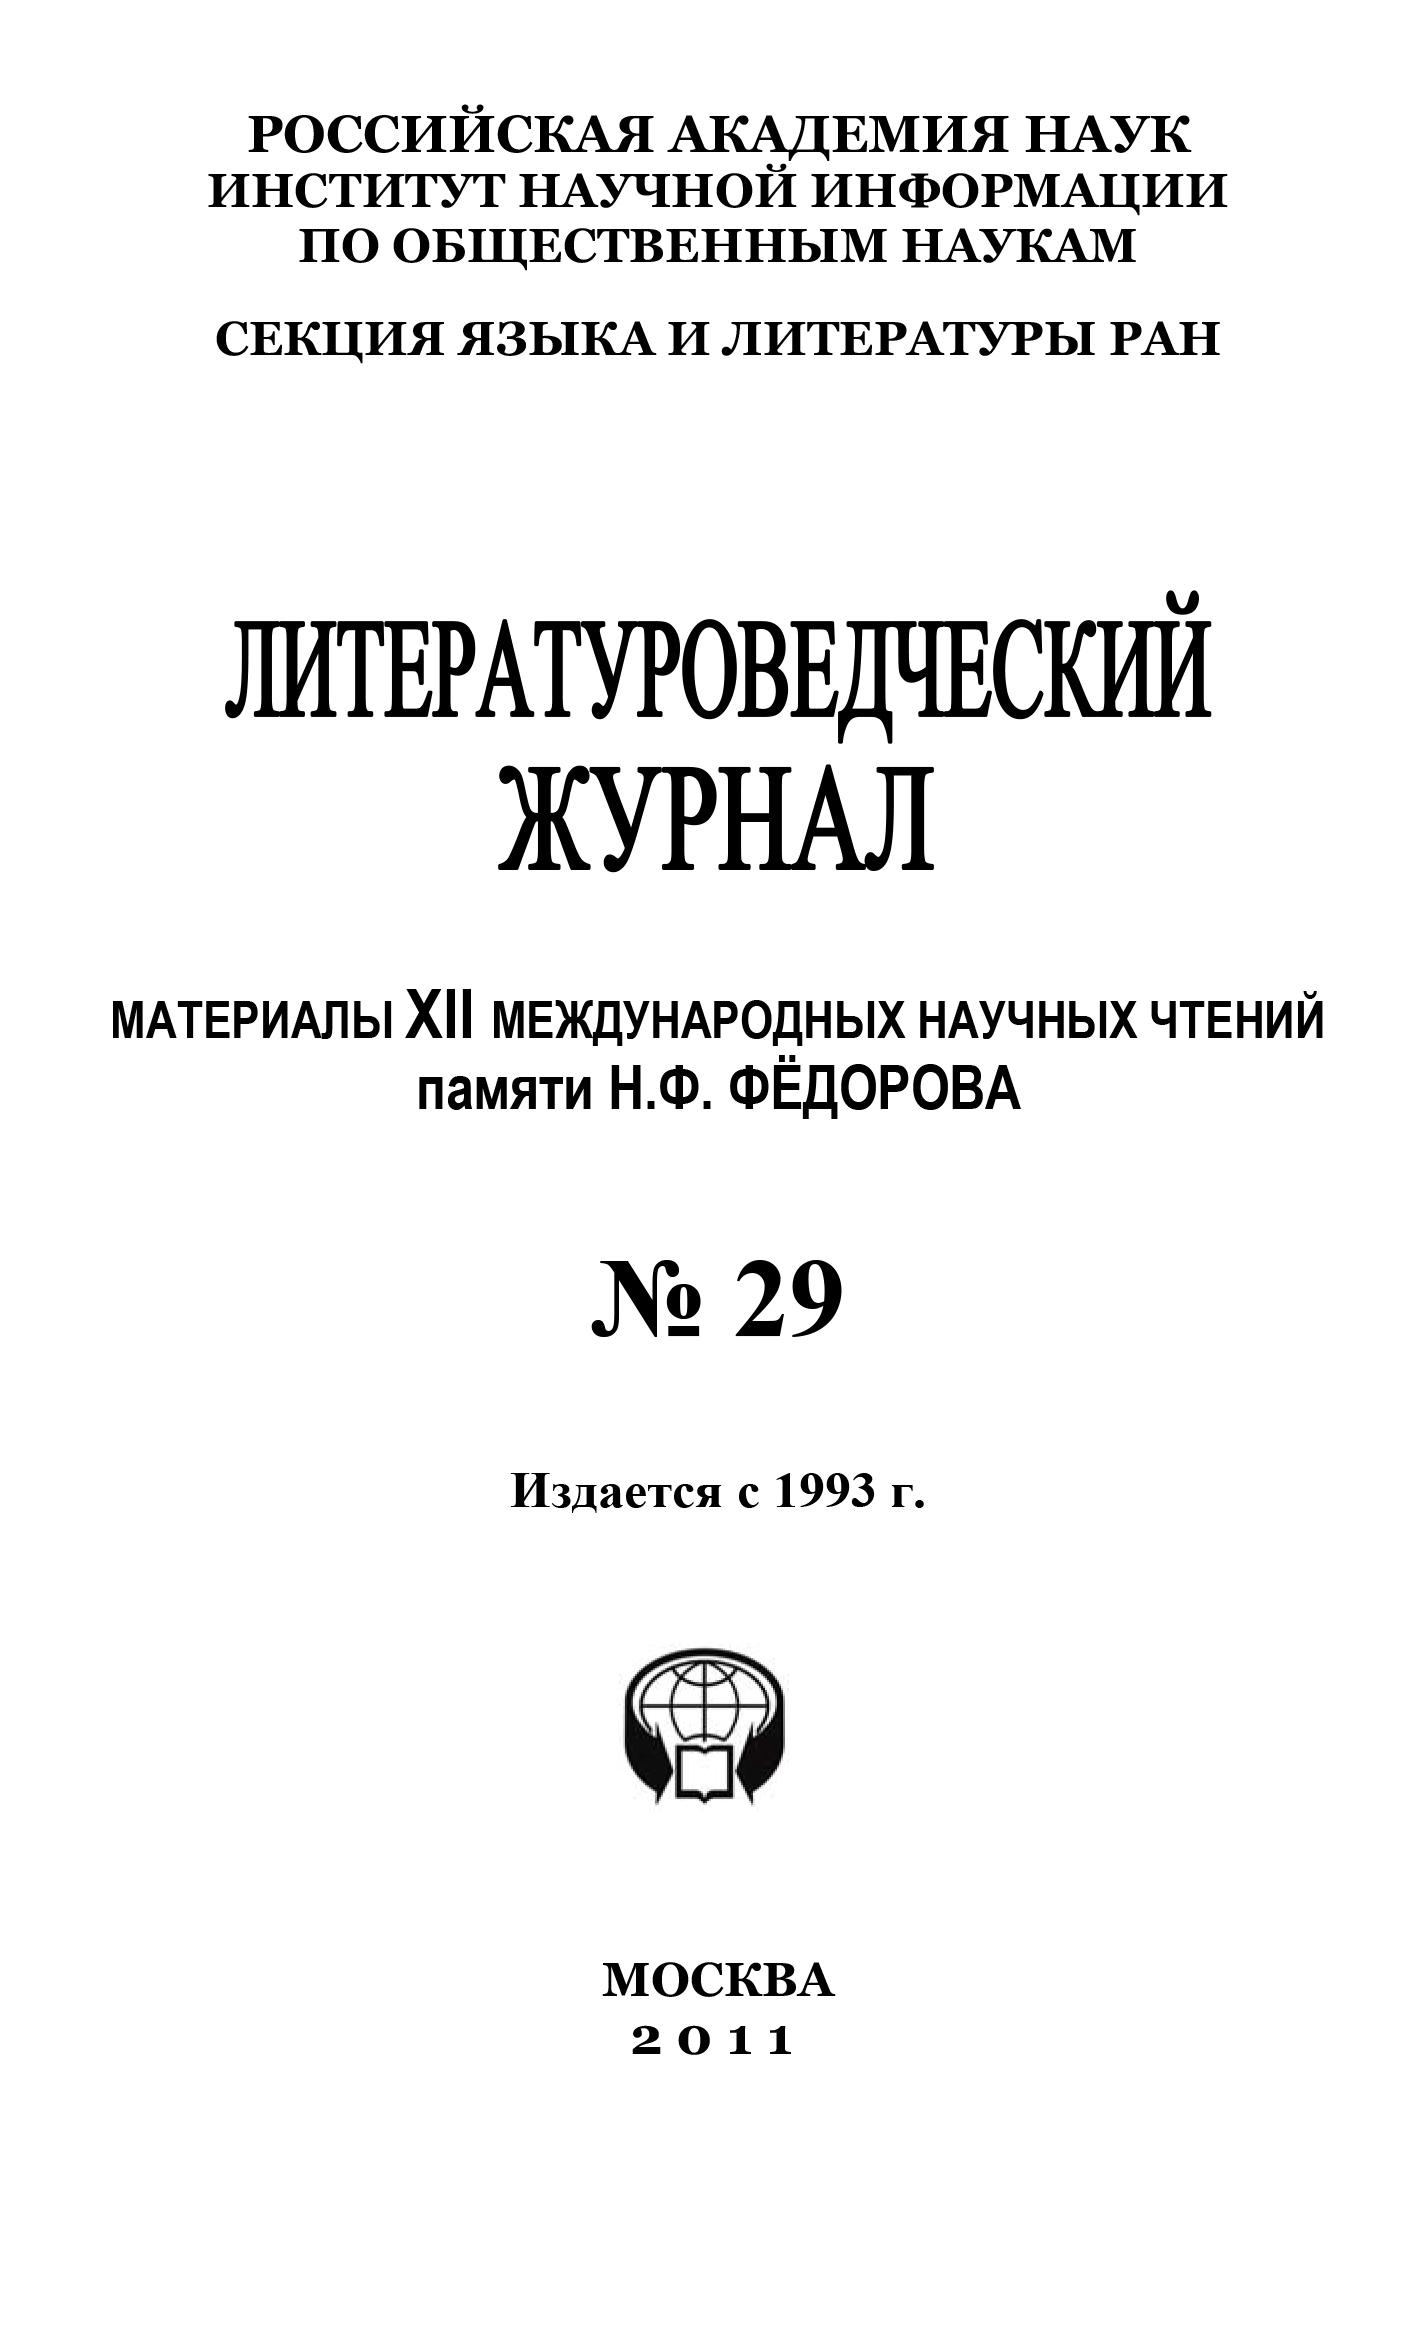 Литературоведческий журнал № 29: Материалы XII Международных научных чтений памяти Н. Ф. Фёдорова